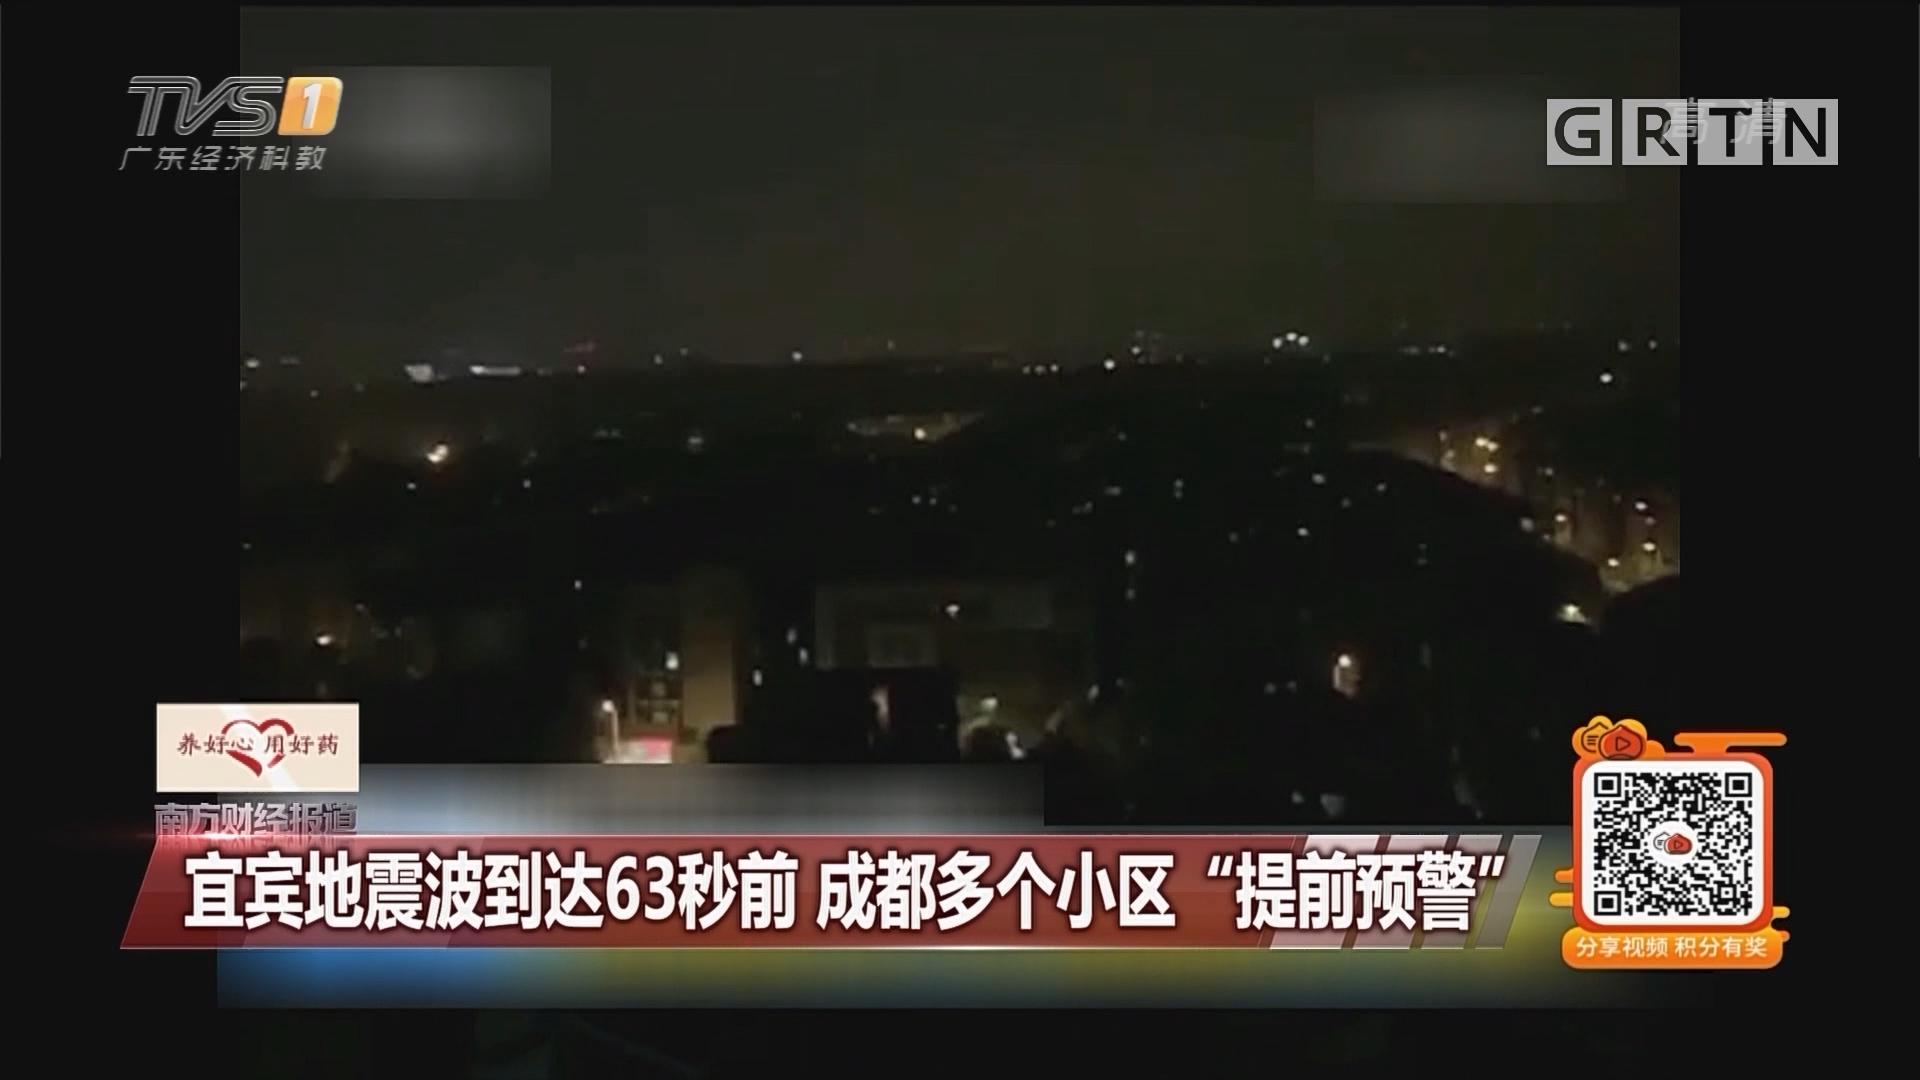 """宜宾地震波到达63秒前 成都多个小区""""提前预警"""""""